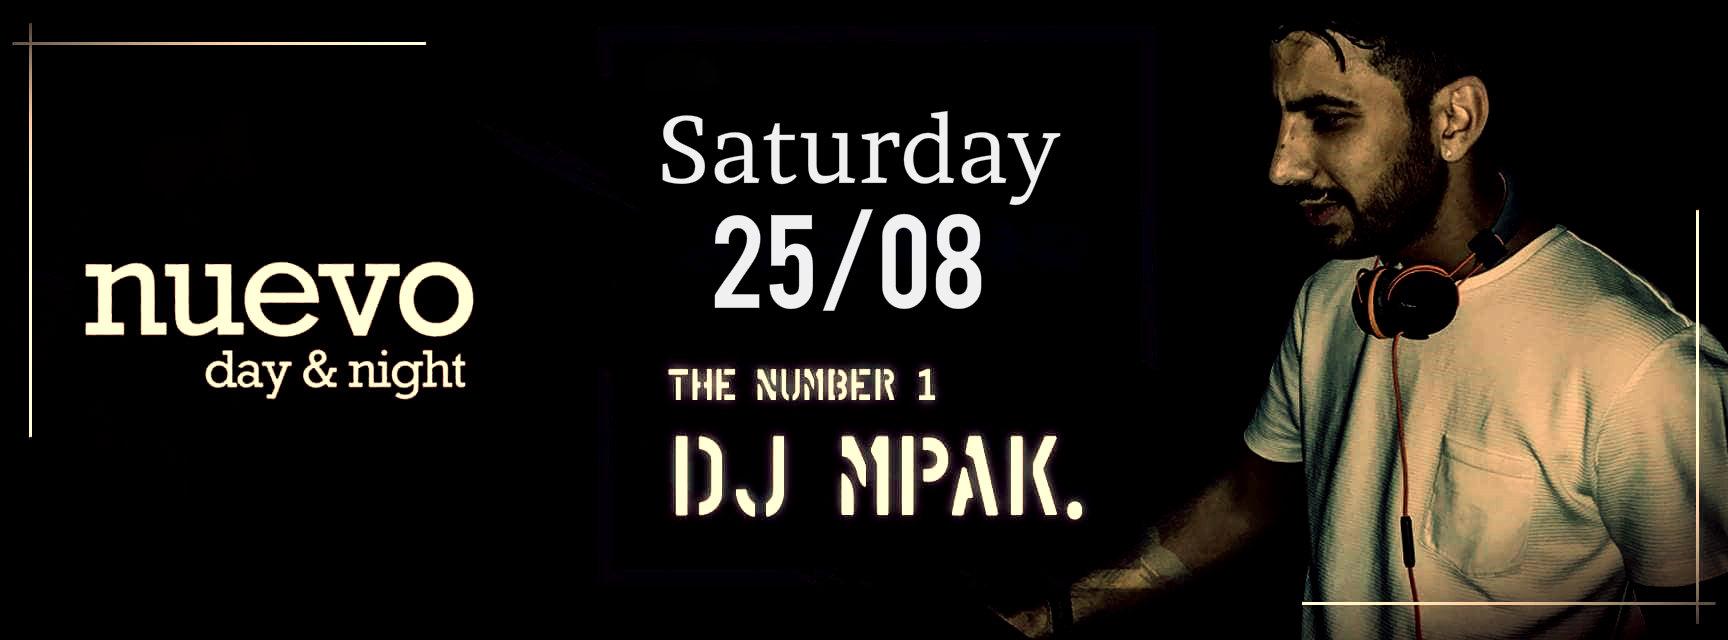 Σαββατιάτικο Summer Party με Dj MPAK στο Nuevo Day & Night στους Γόννους Λάρισας